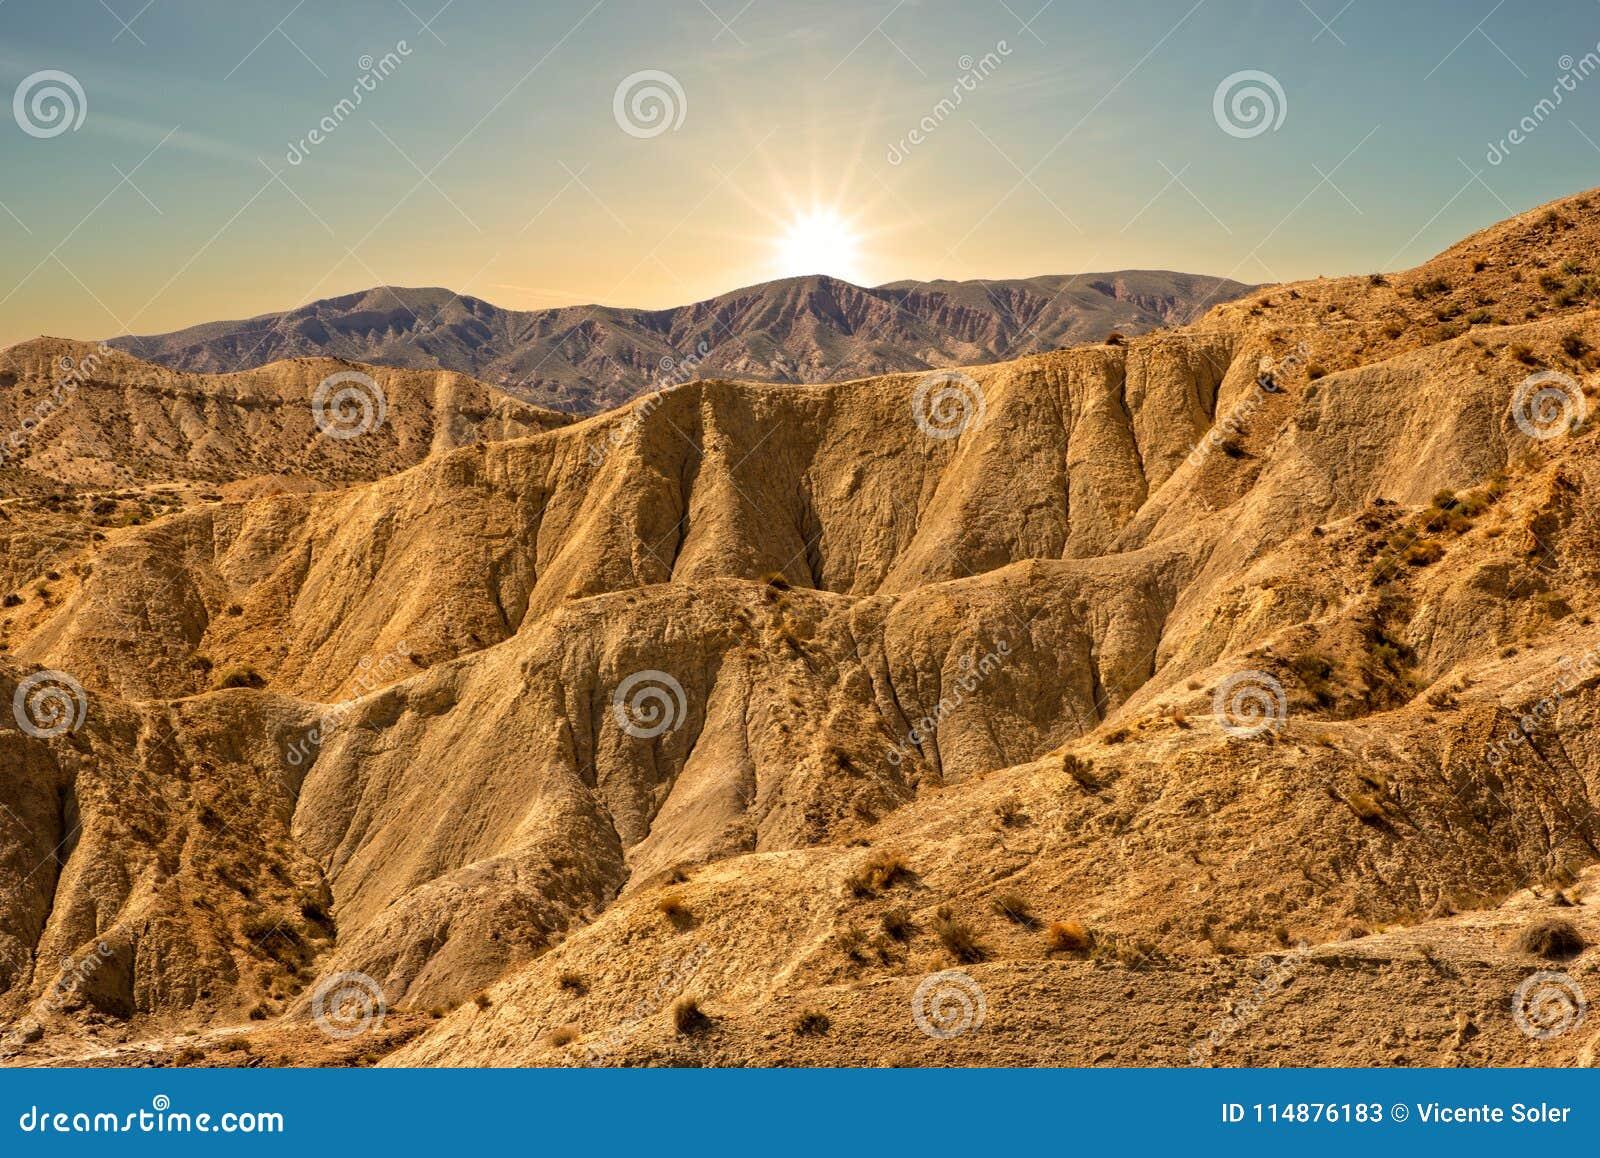 De woestijn van de herbergen van Almeria bij zonsondergang